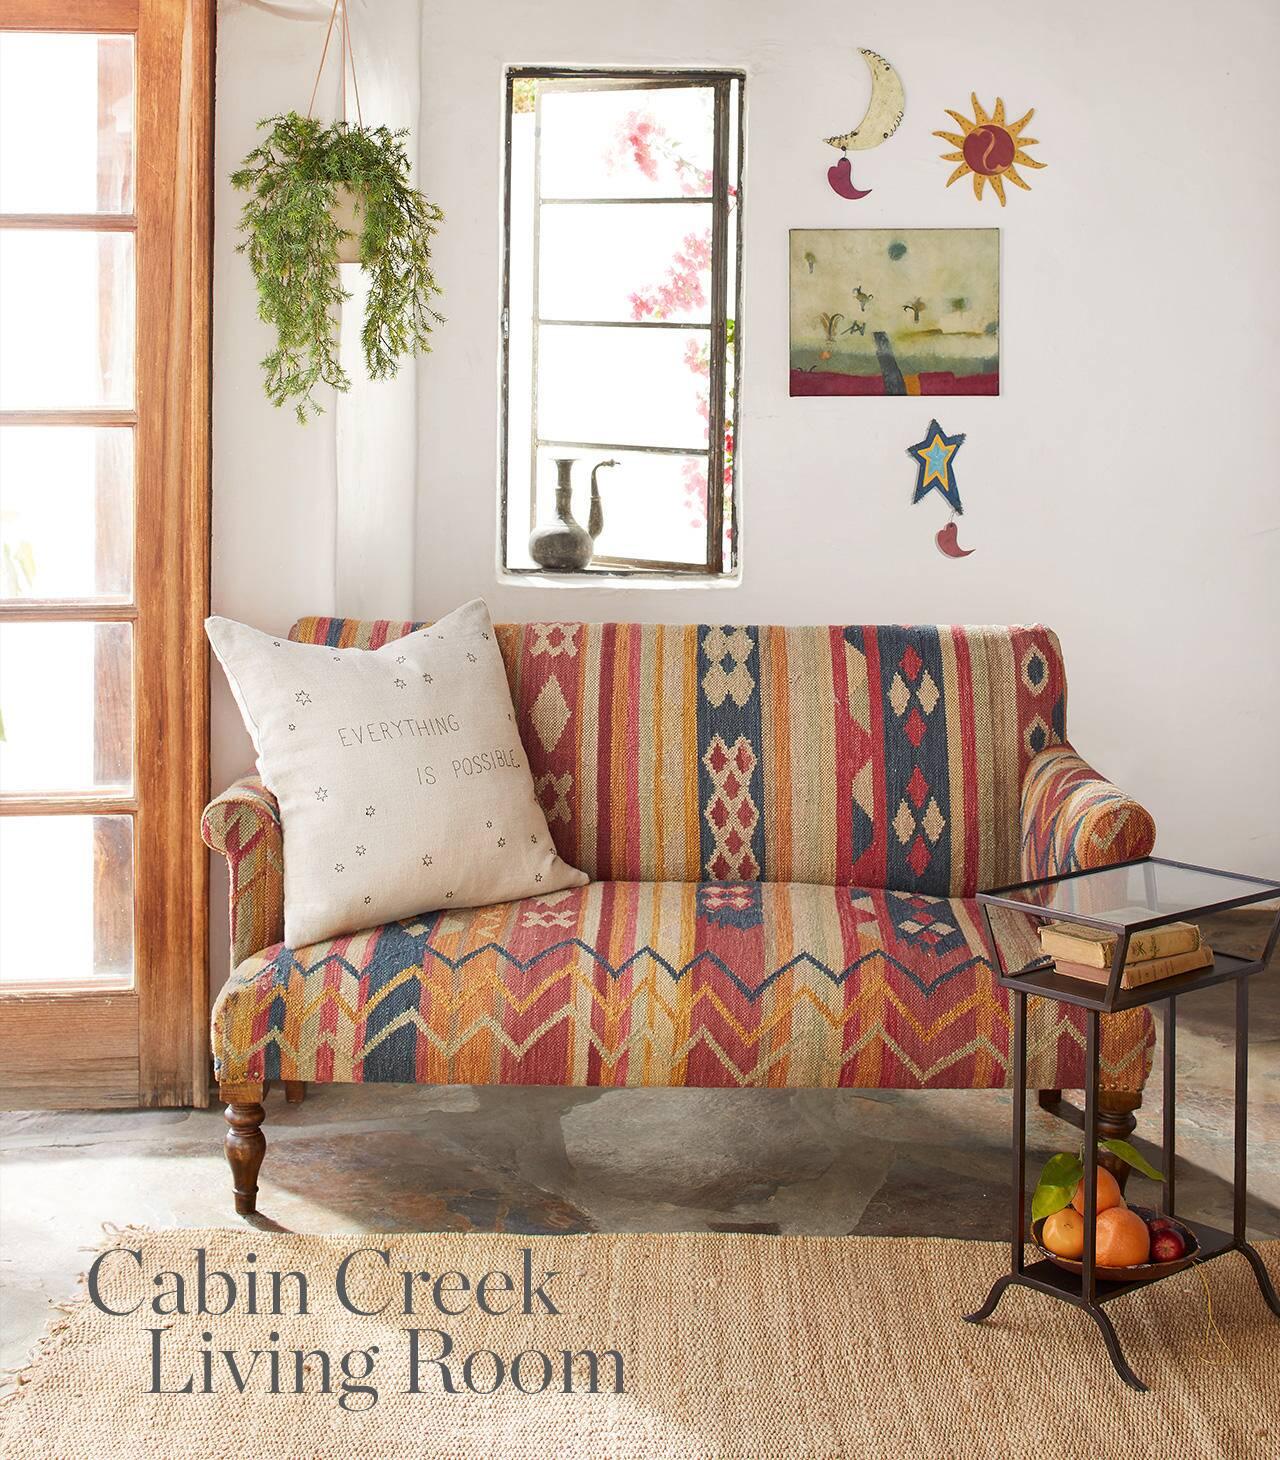 Cabin Creek Living Room